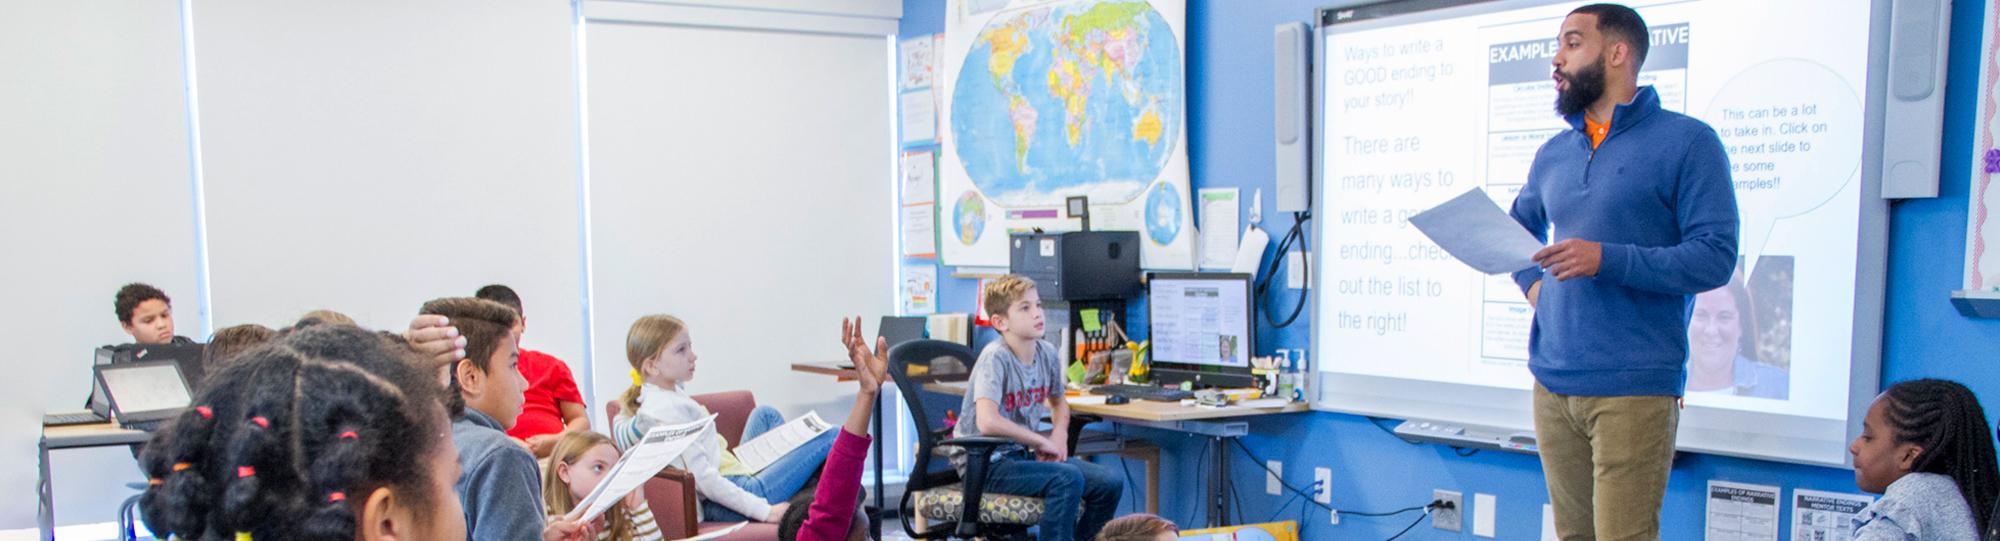 Male teacher teaching in a classroom